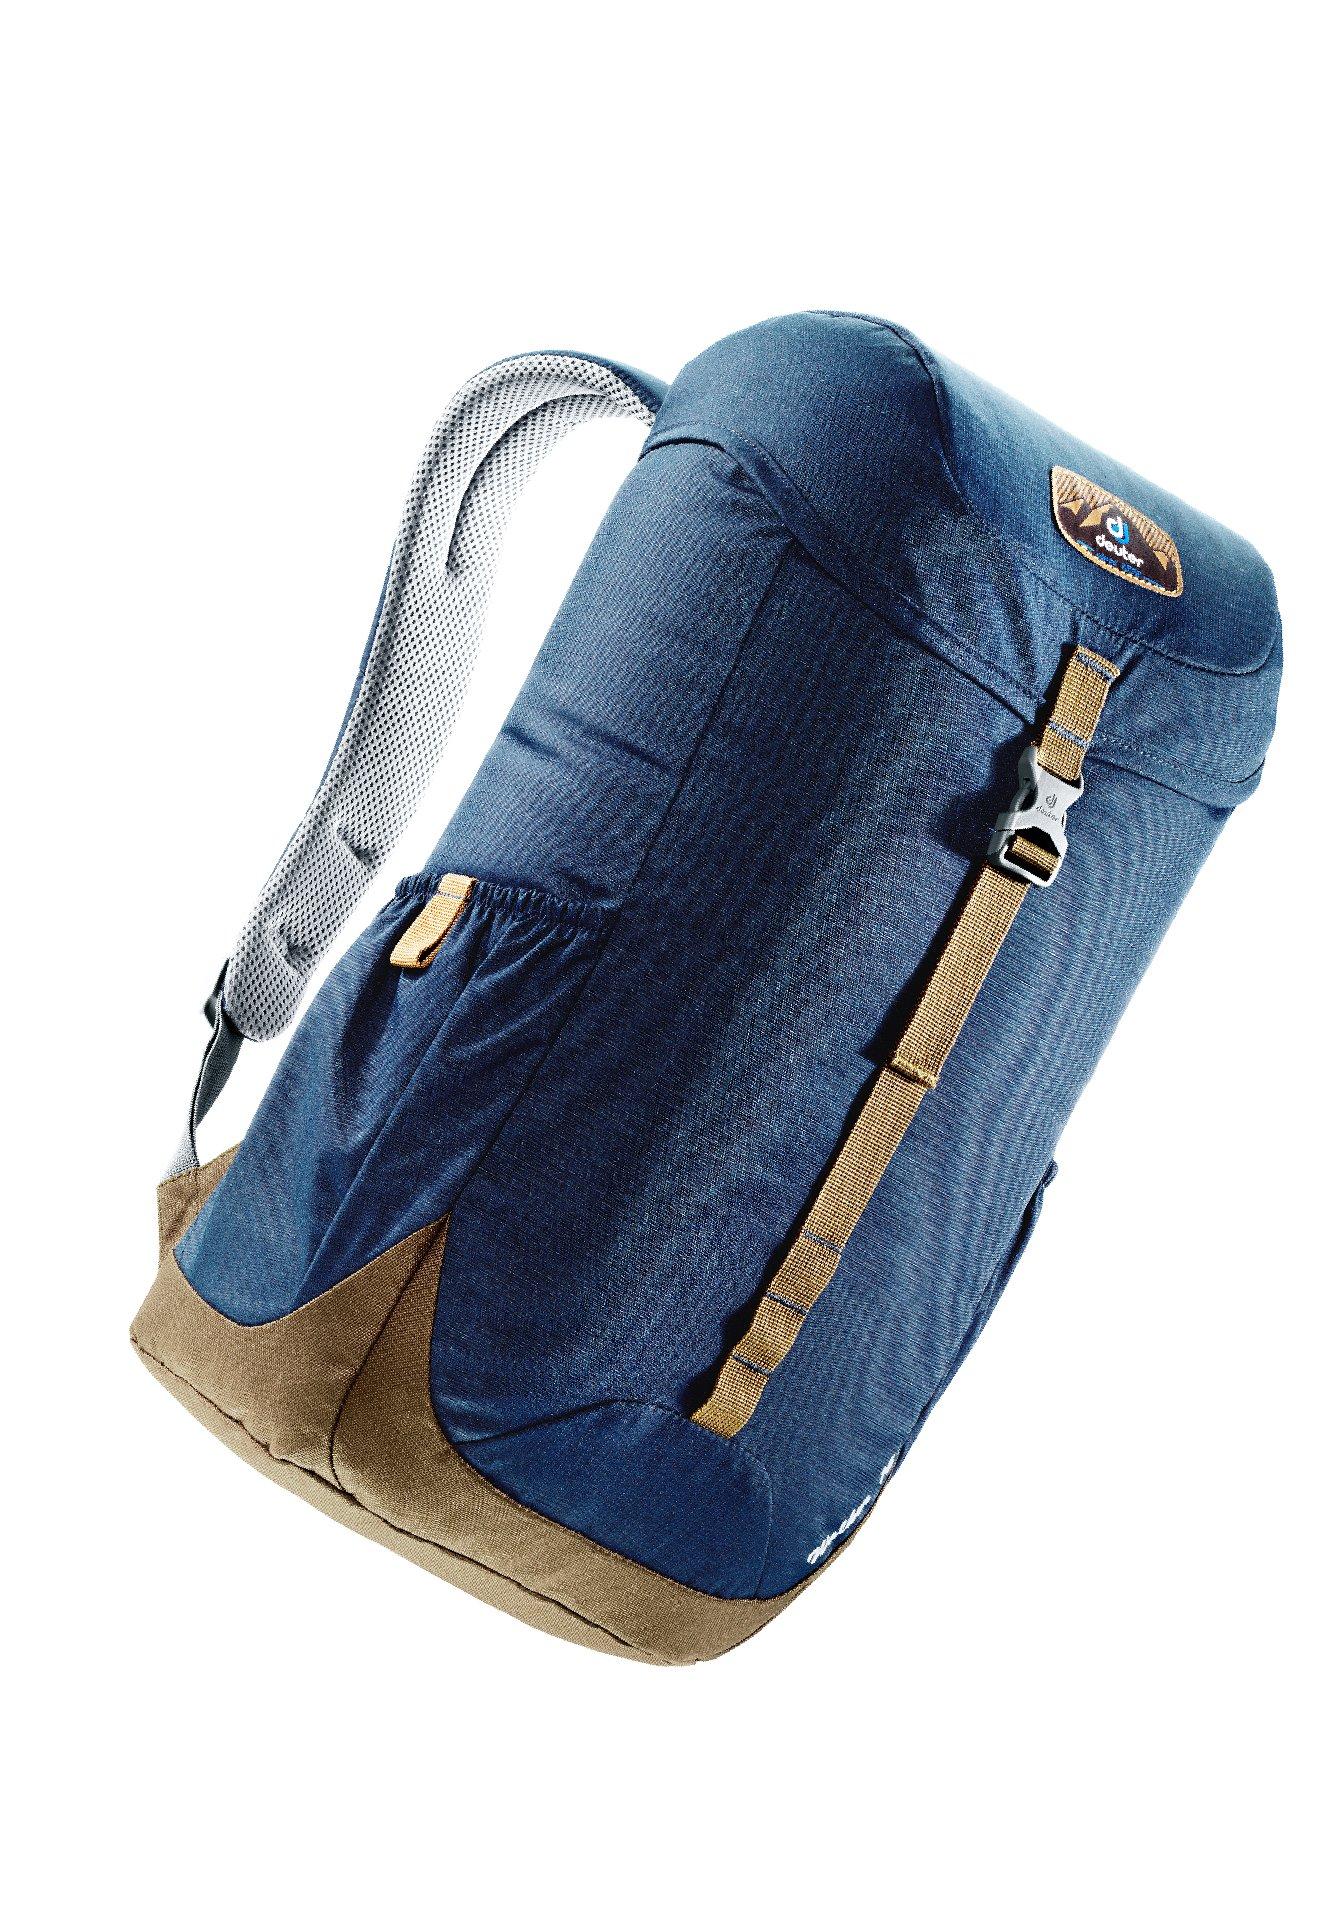 #DEUTER plecak Walker 16 2017 midnight PROMO -5%